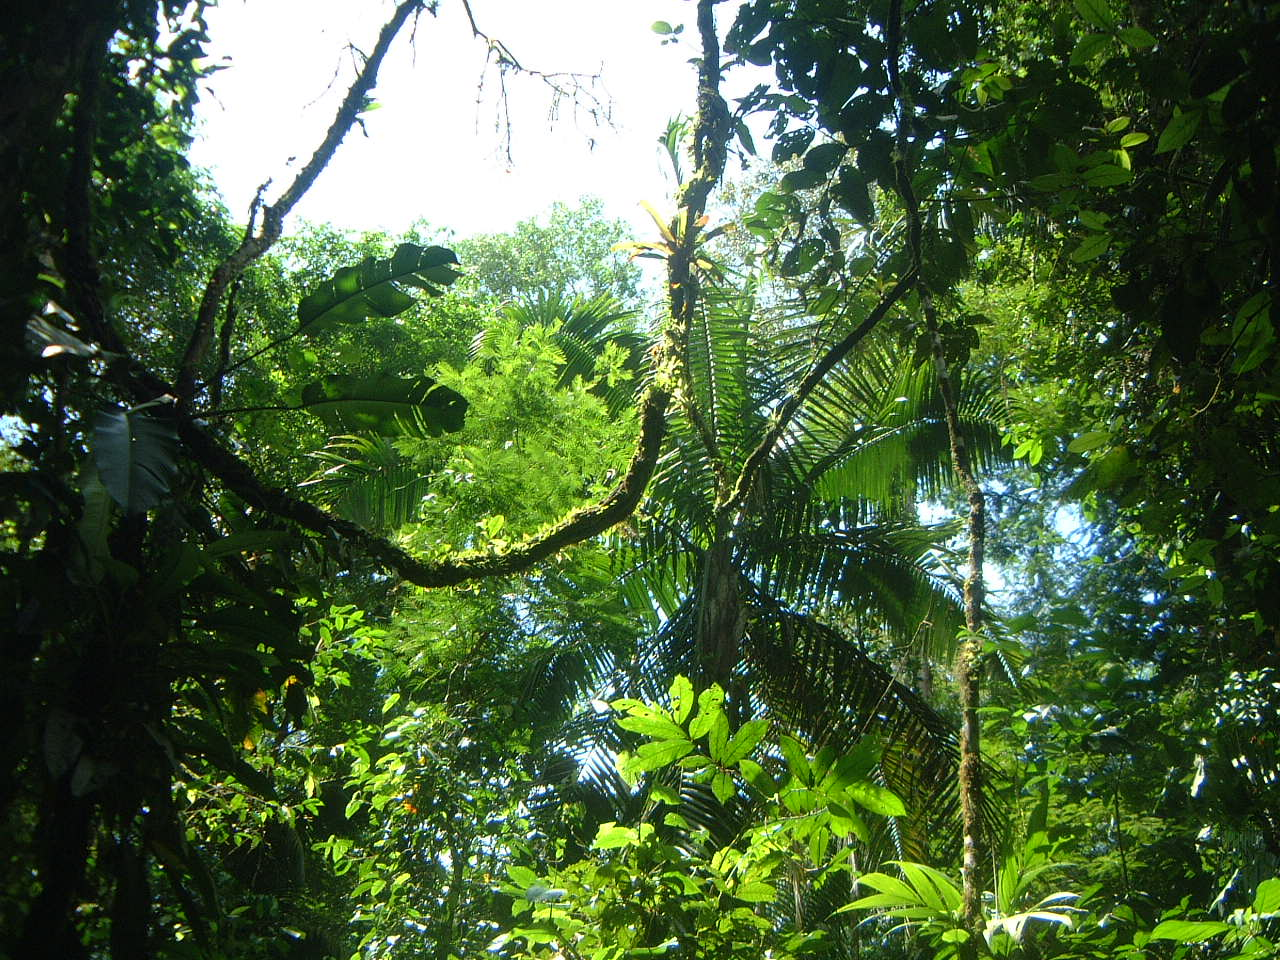 La Selva Biological Station